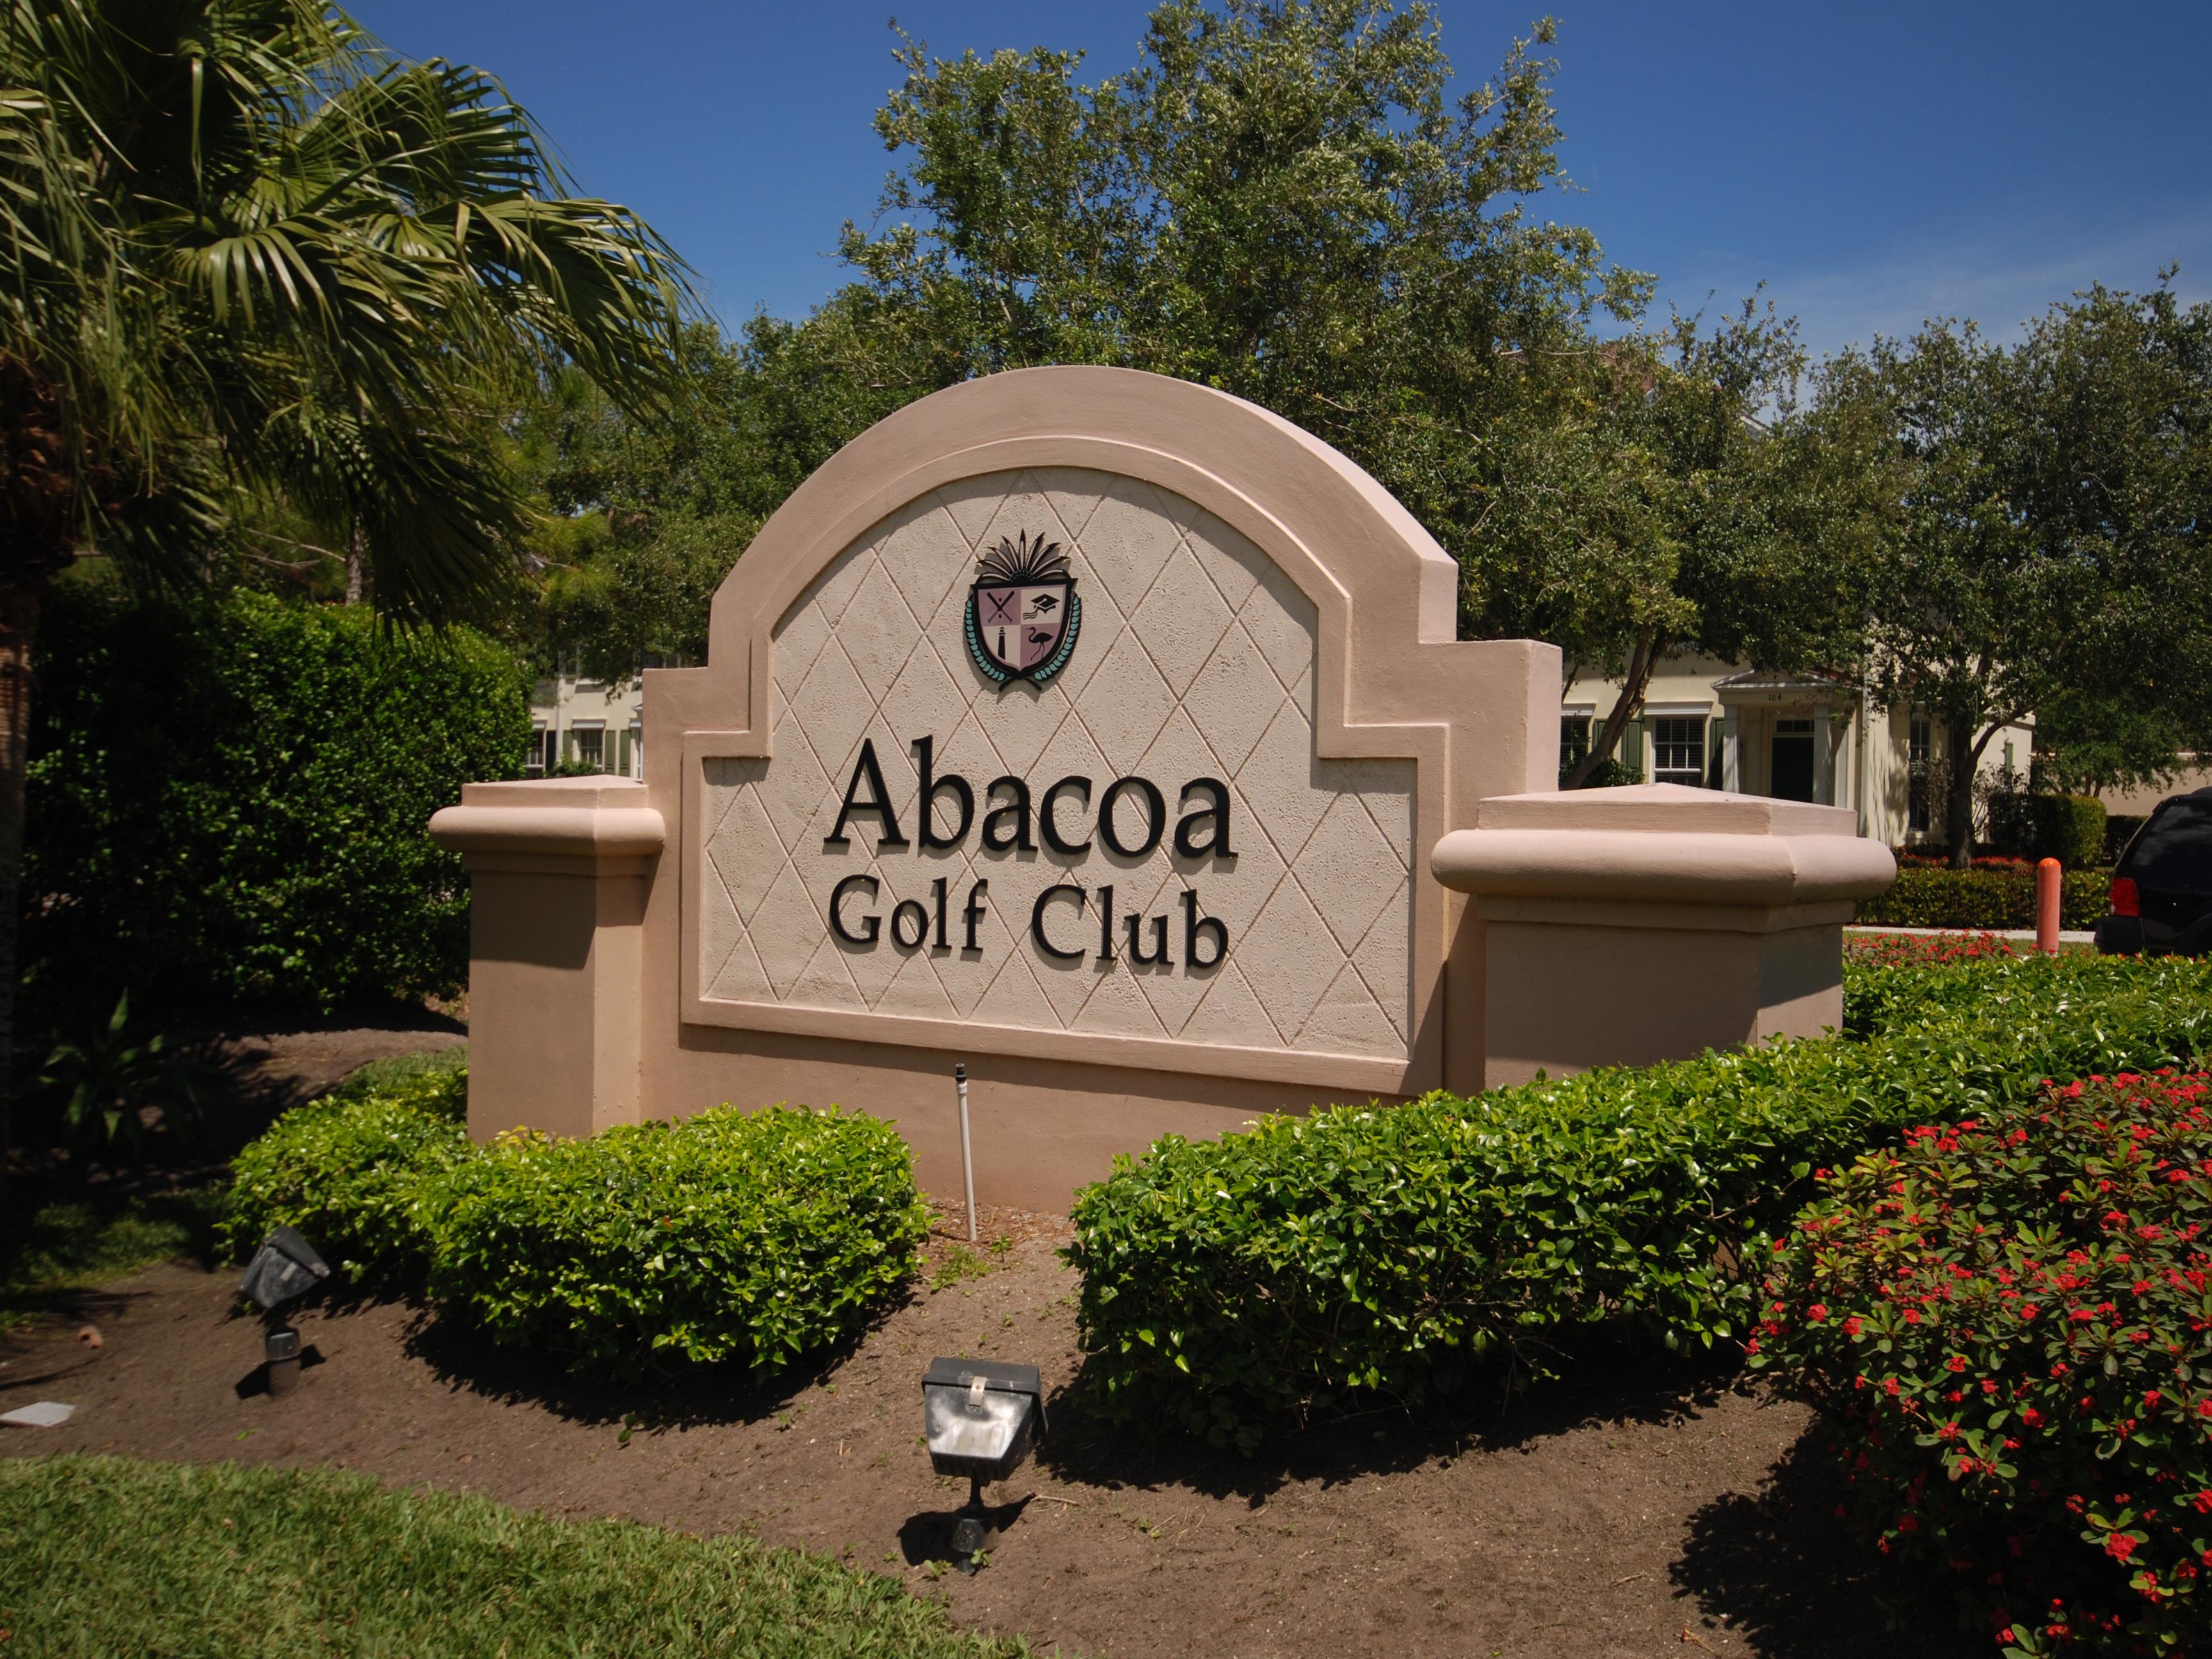 abacoa_signage_3456